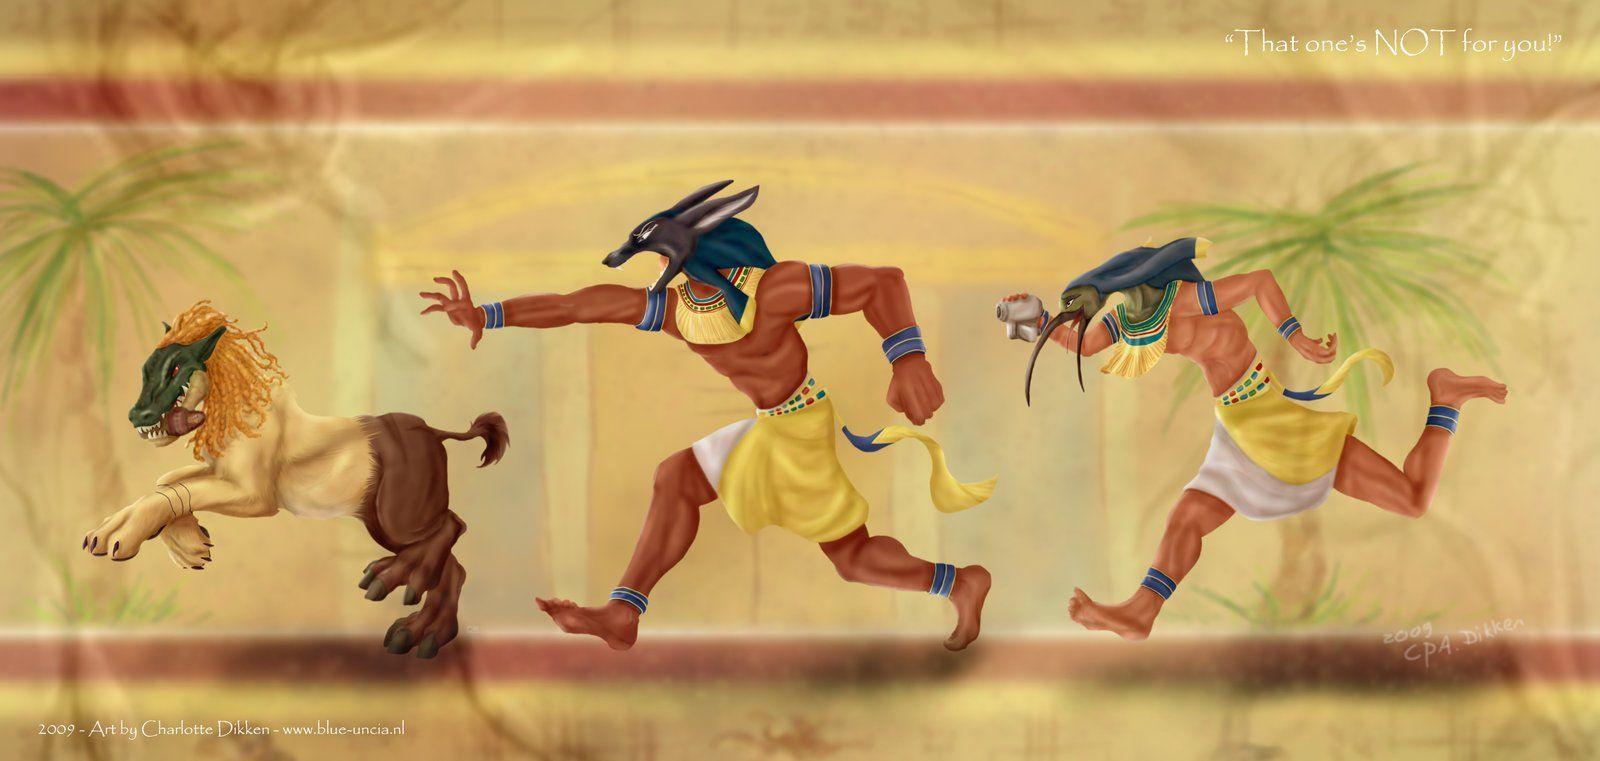 мс, картинка позы бегущий египтянин нем